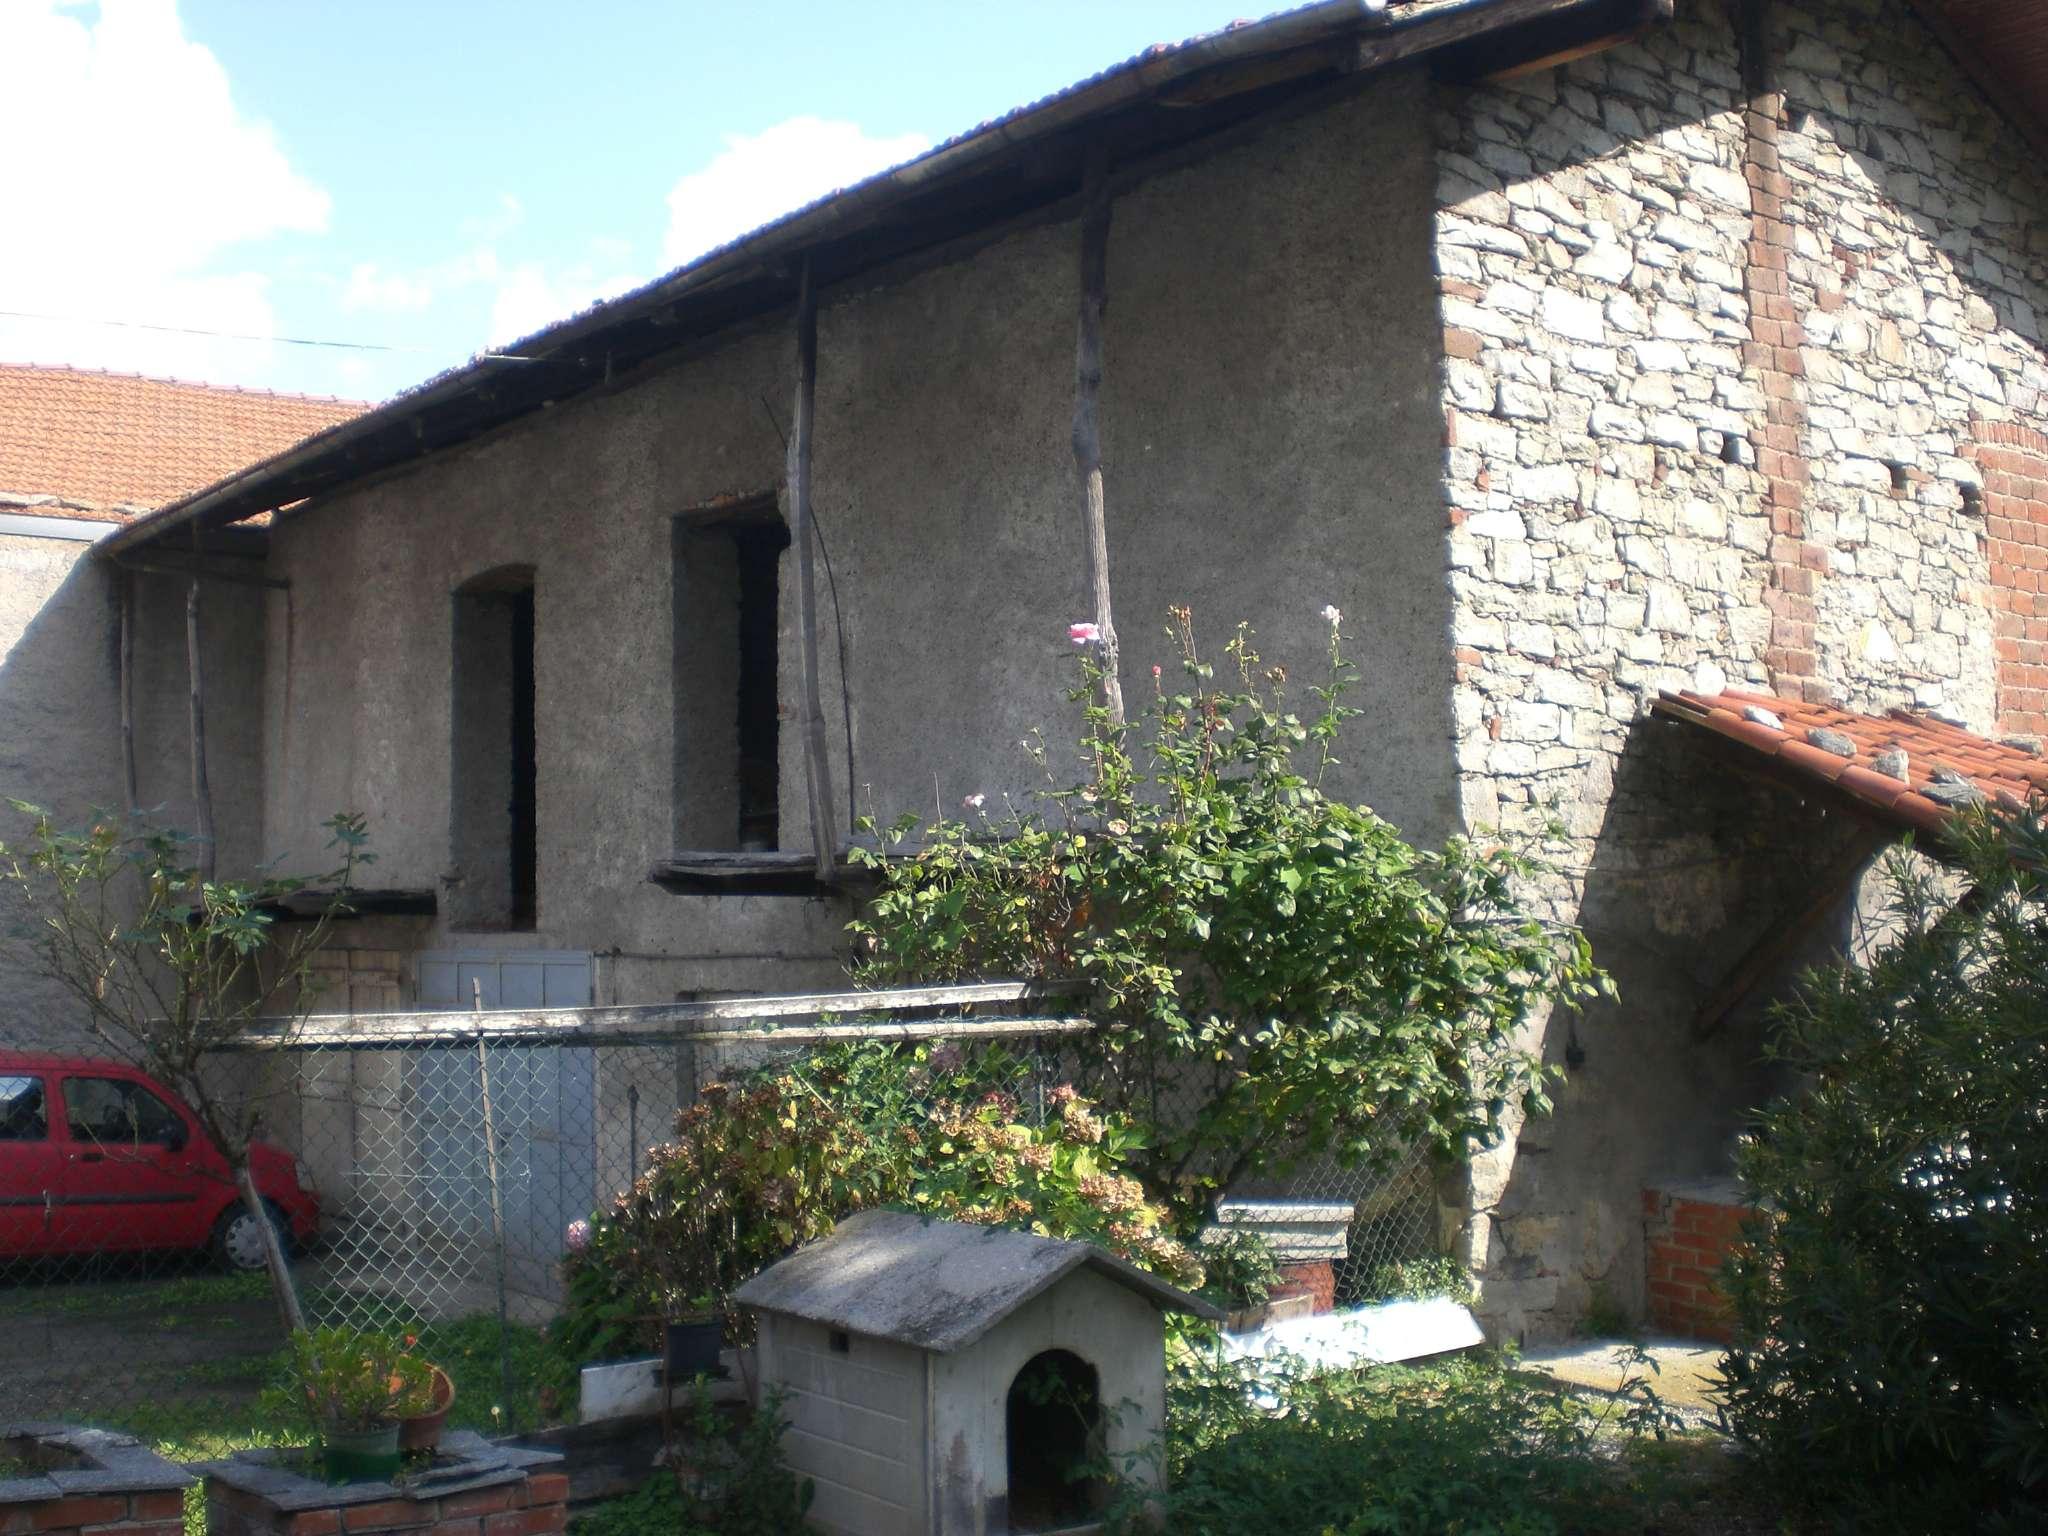 Rustico / Casale in vendita a Sant'Antonino di Susa, 9999 locali, prezzo € 75.000   CambioCasa.it